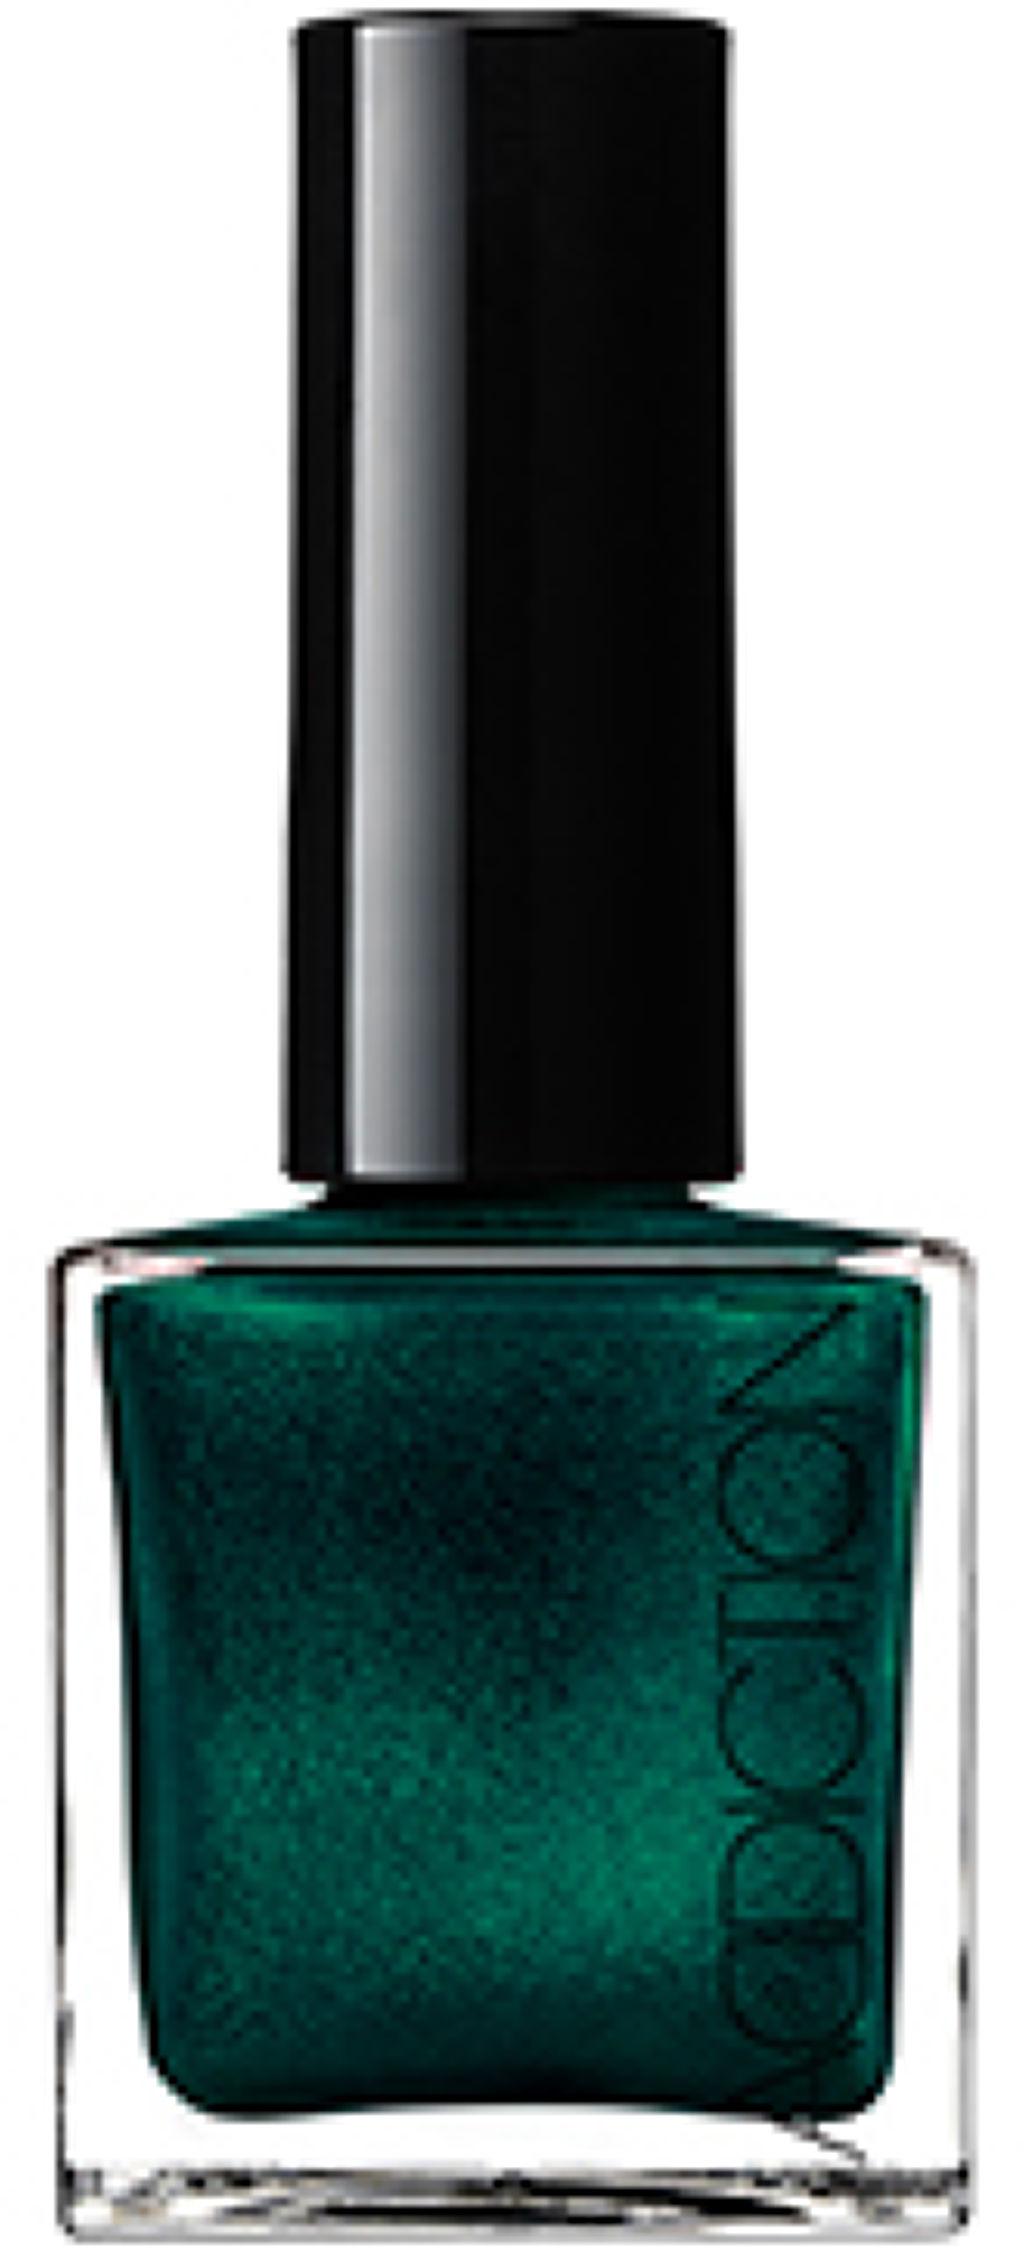 ザ ネイルポリッシュ 051P Green Necklace